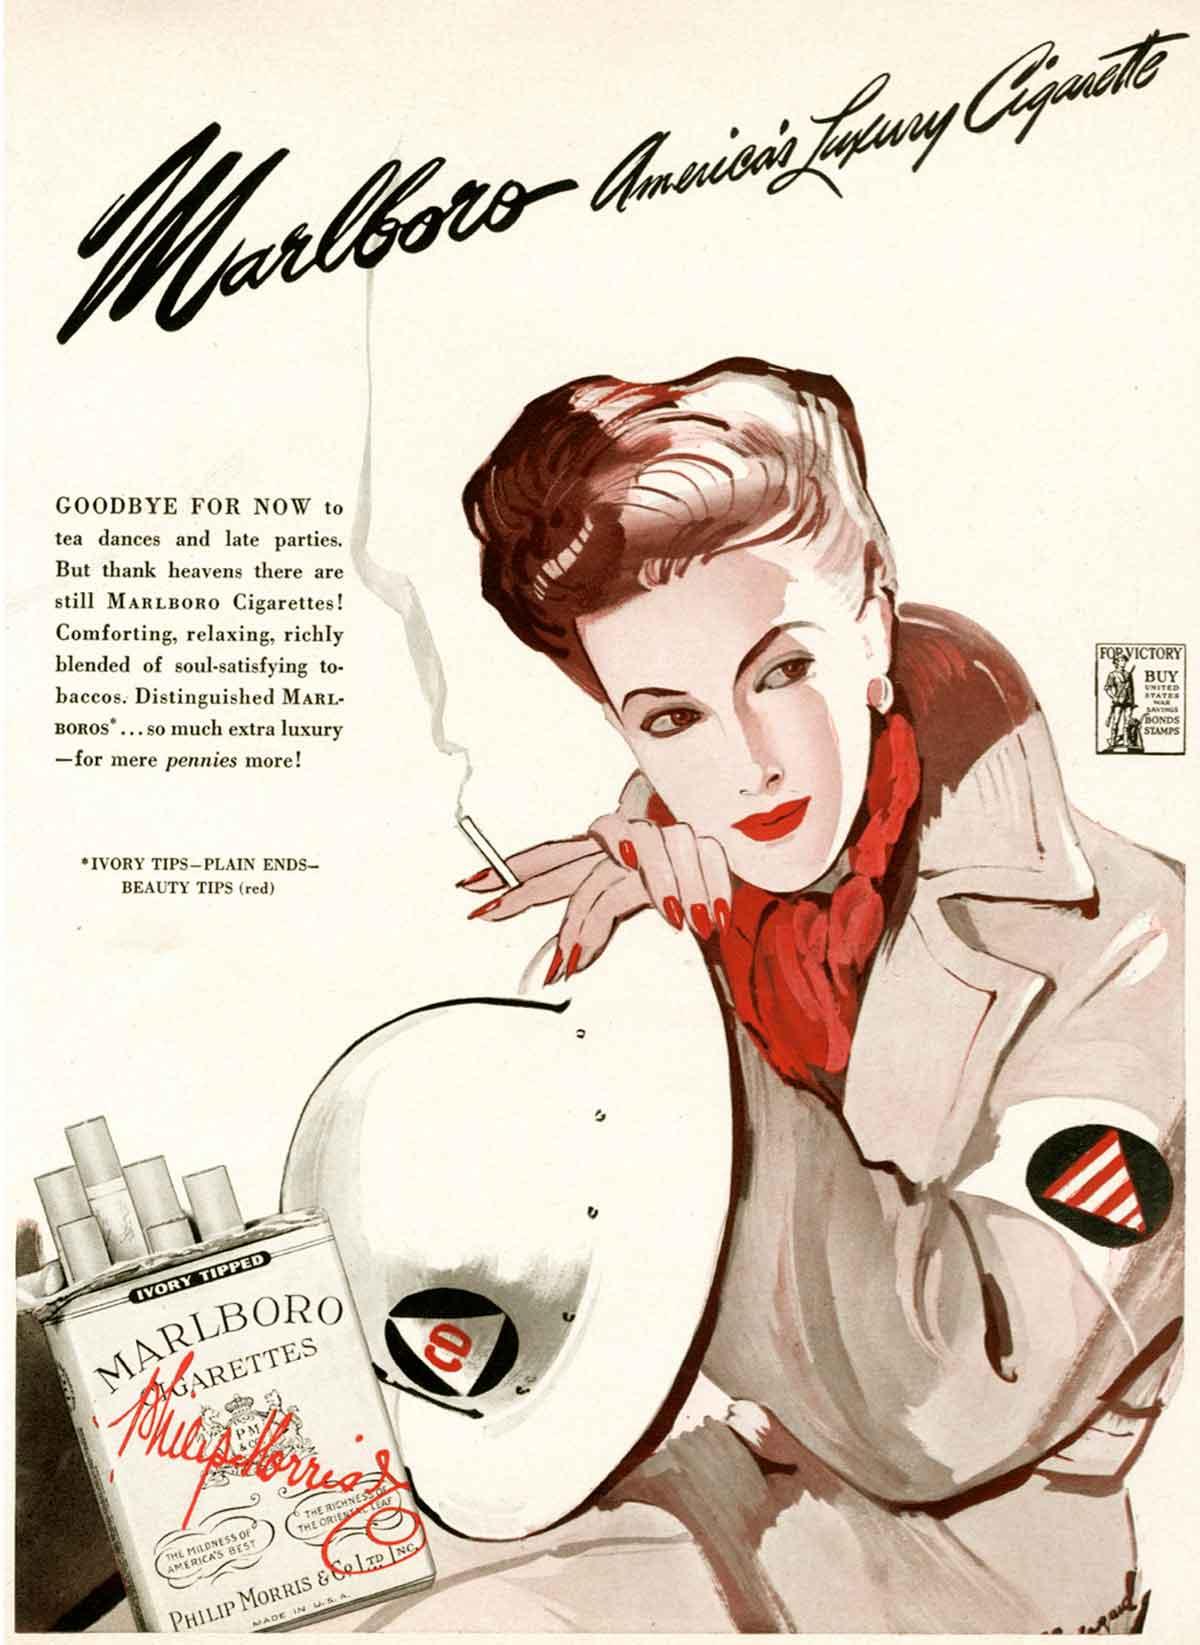 1940s-Fashion---Cigarettes-and-the-Slim-Silhouette---Marlboro-cig